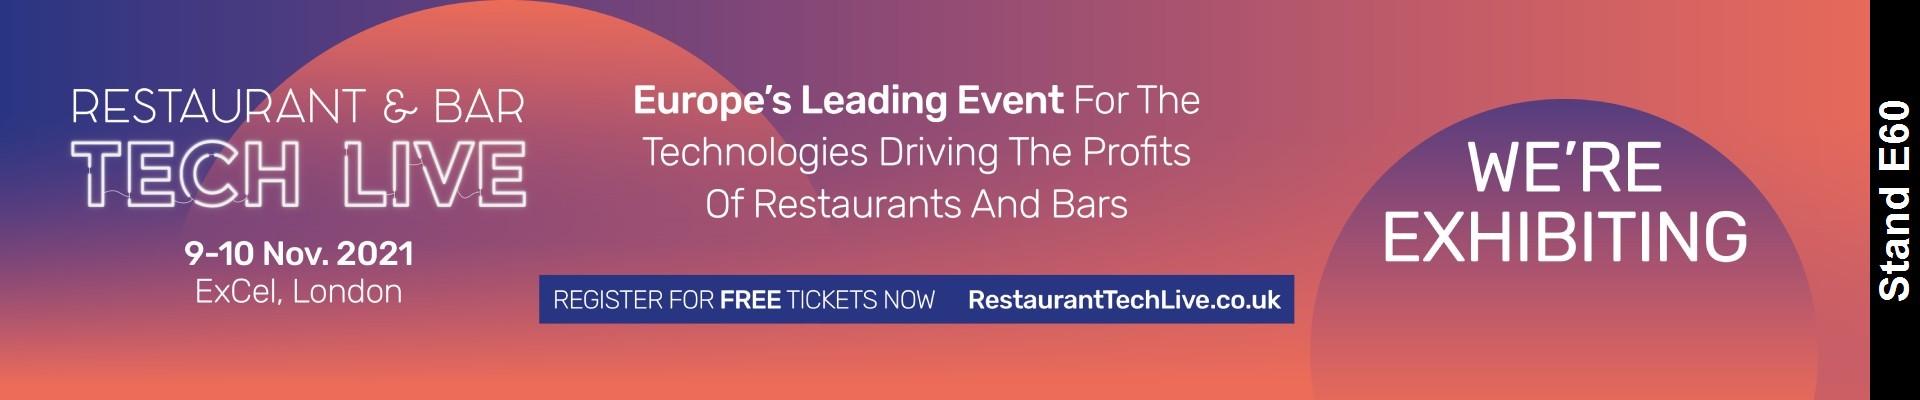 Restaurant Bar Tech Event Details